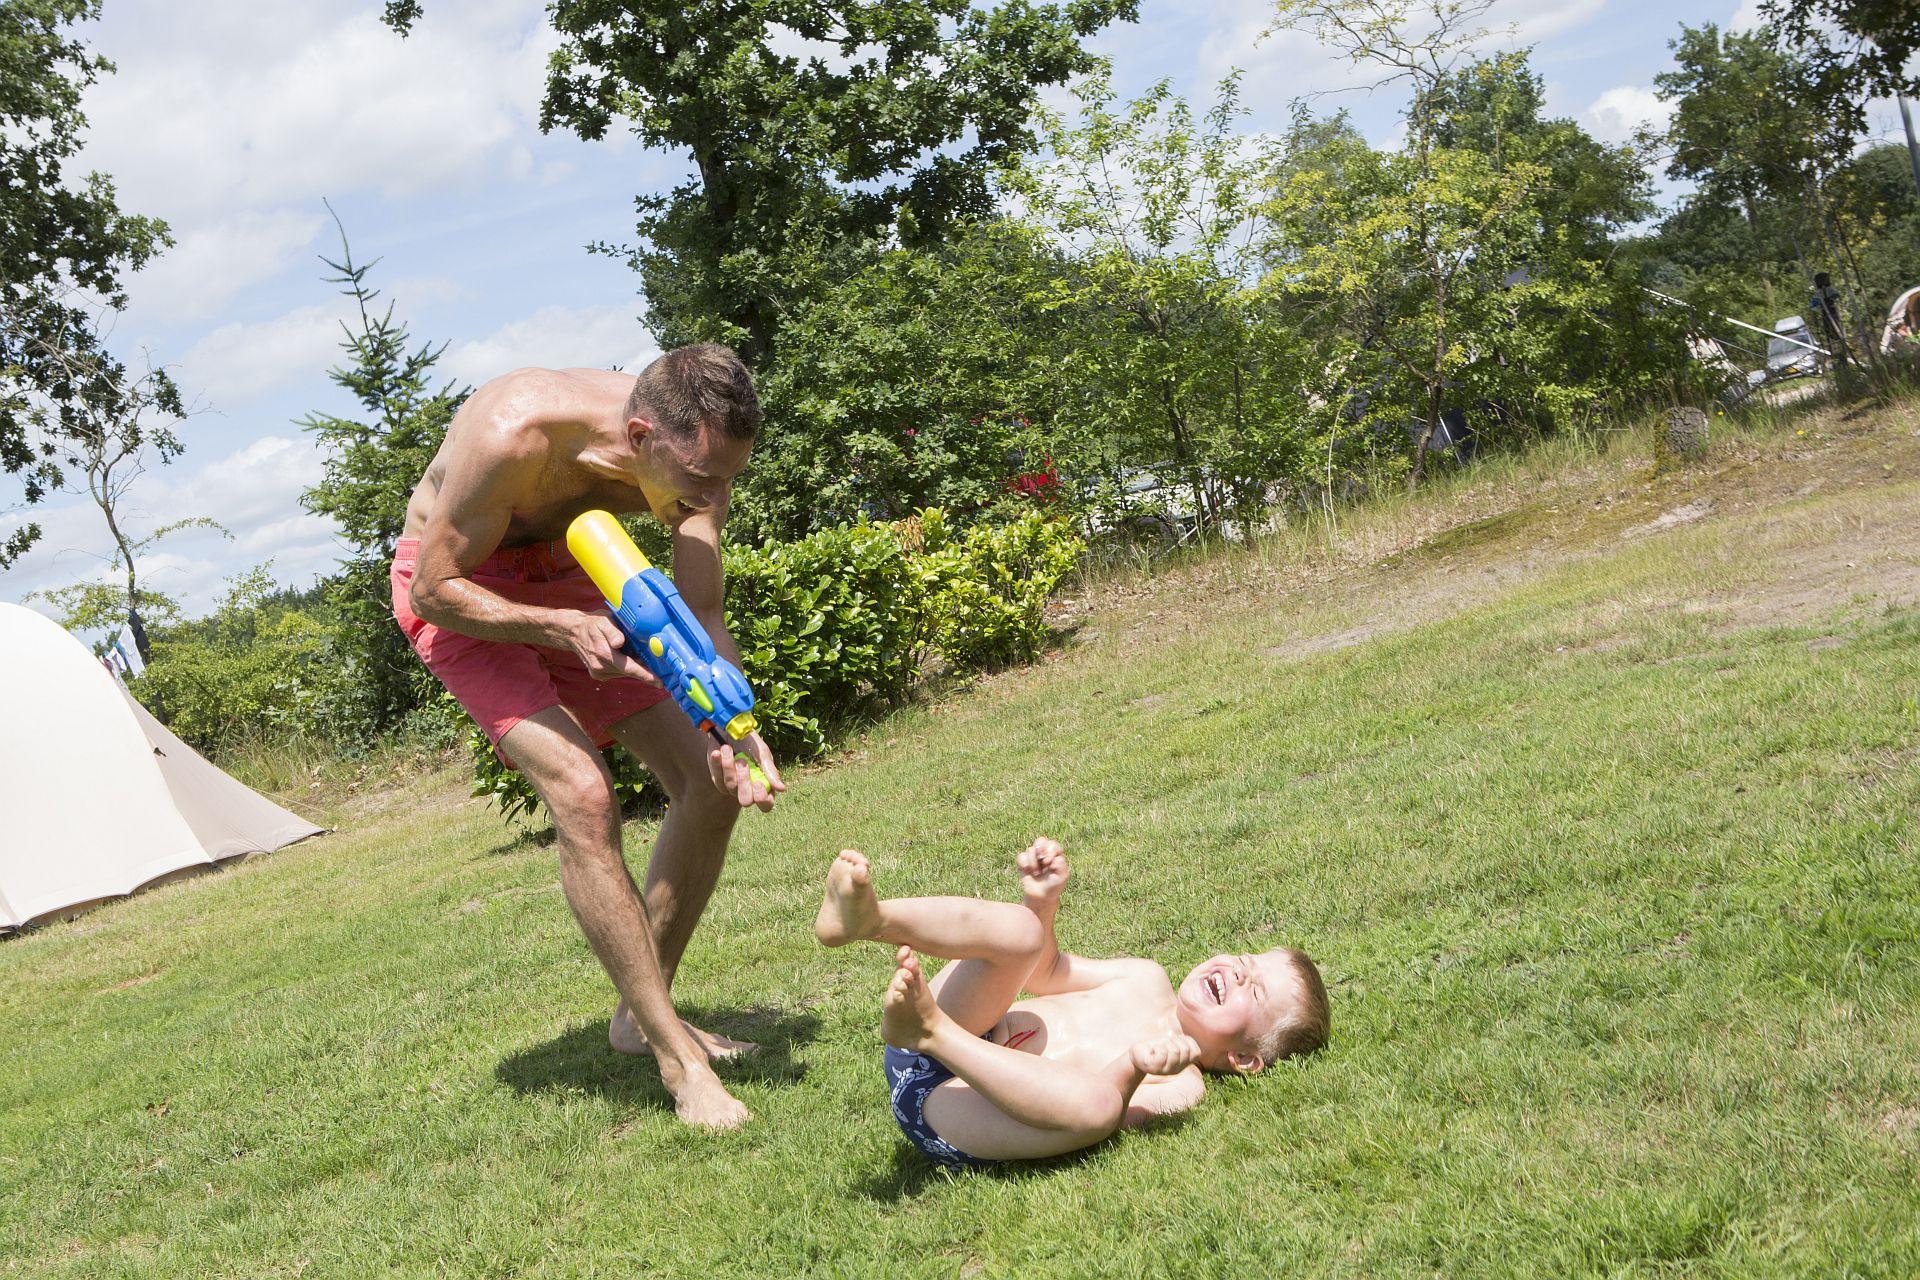 Kamperen met kleine kinderen in Overijssel! - kamperen met kleine kinderen in Overijssel